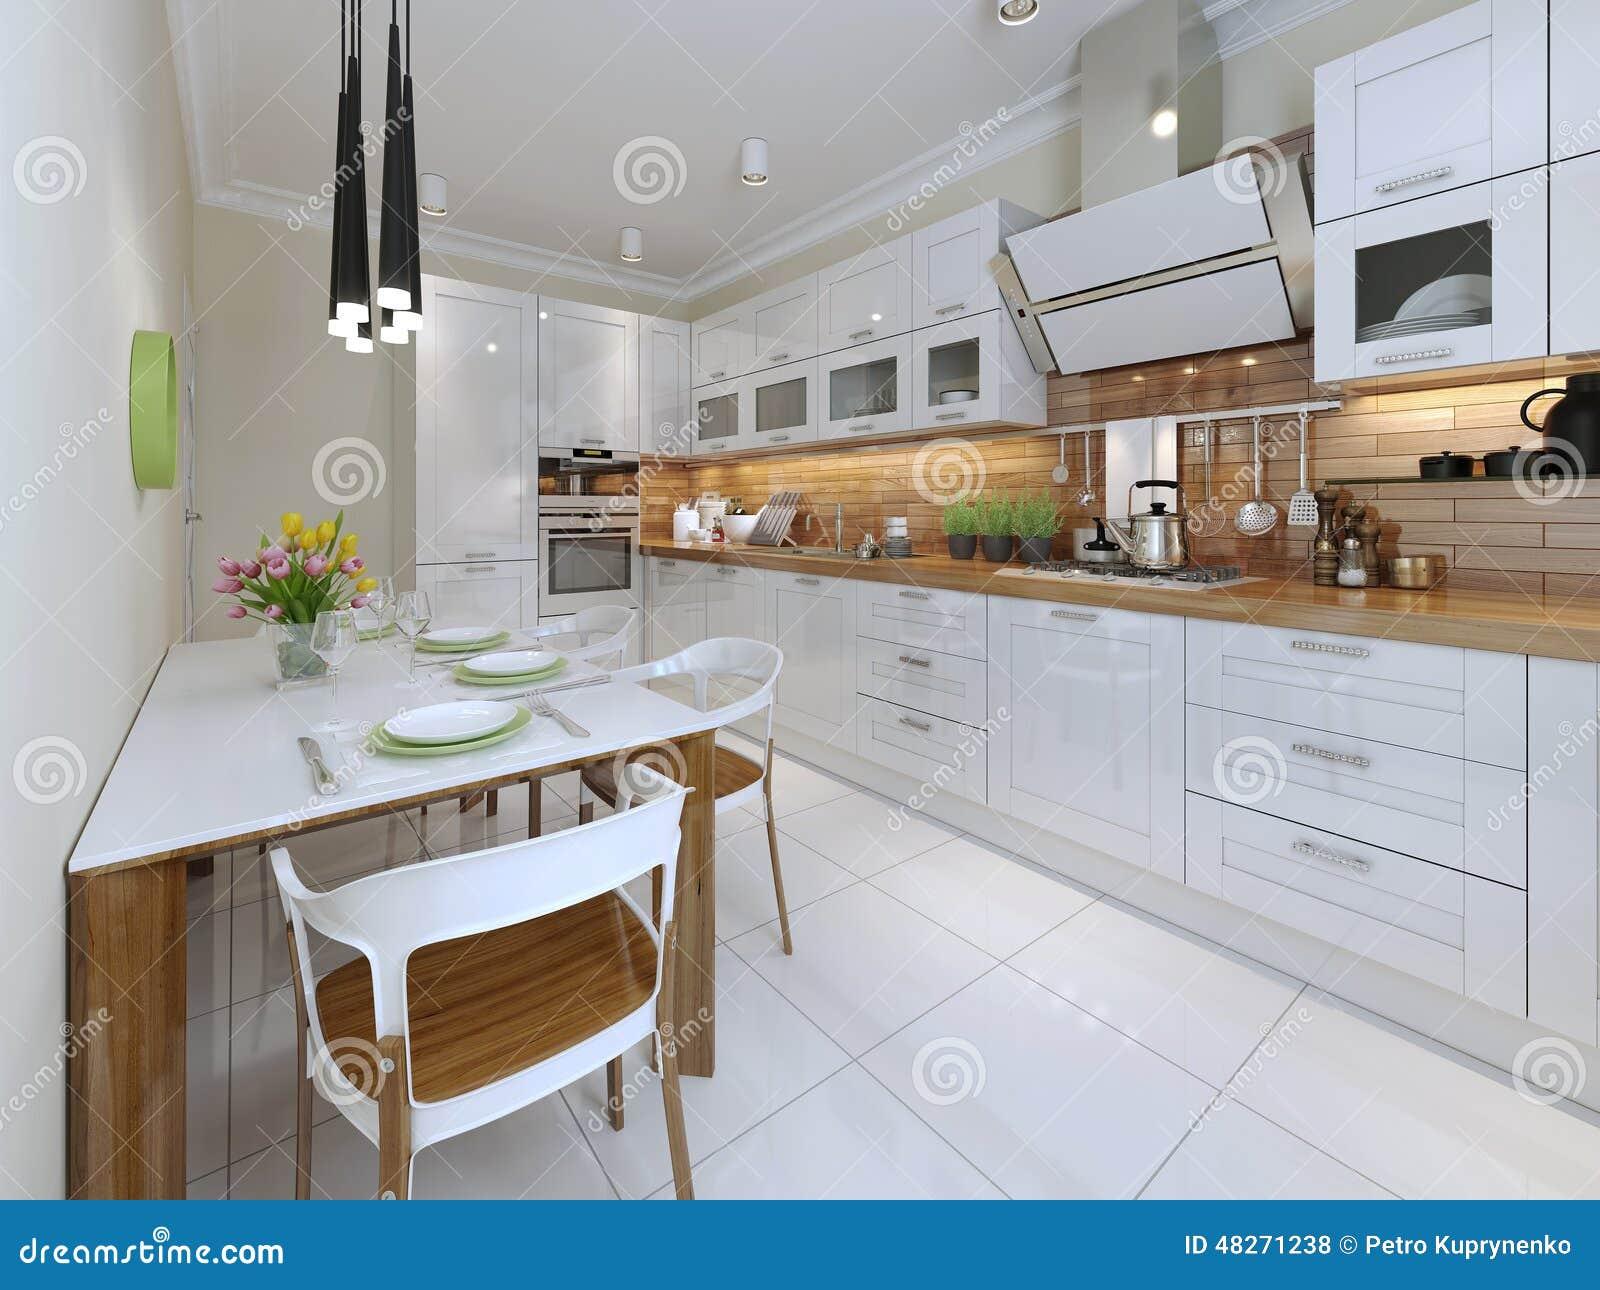 Zeitgenössische Art Der Küche Stock Abbildung - Illustration von ...